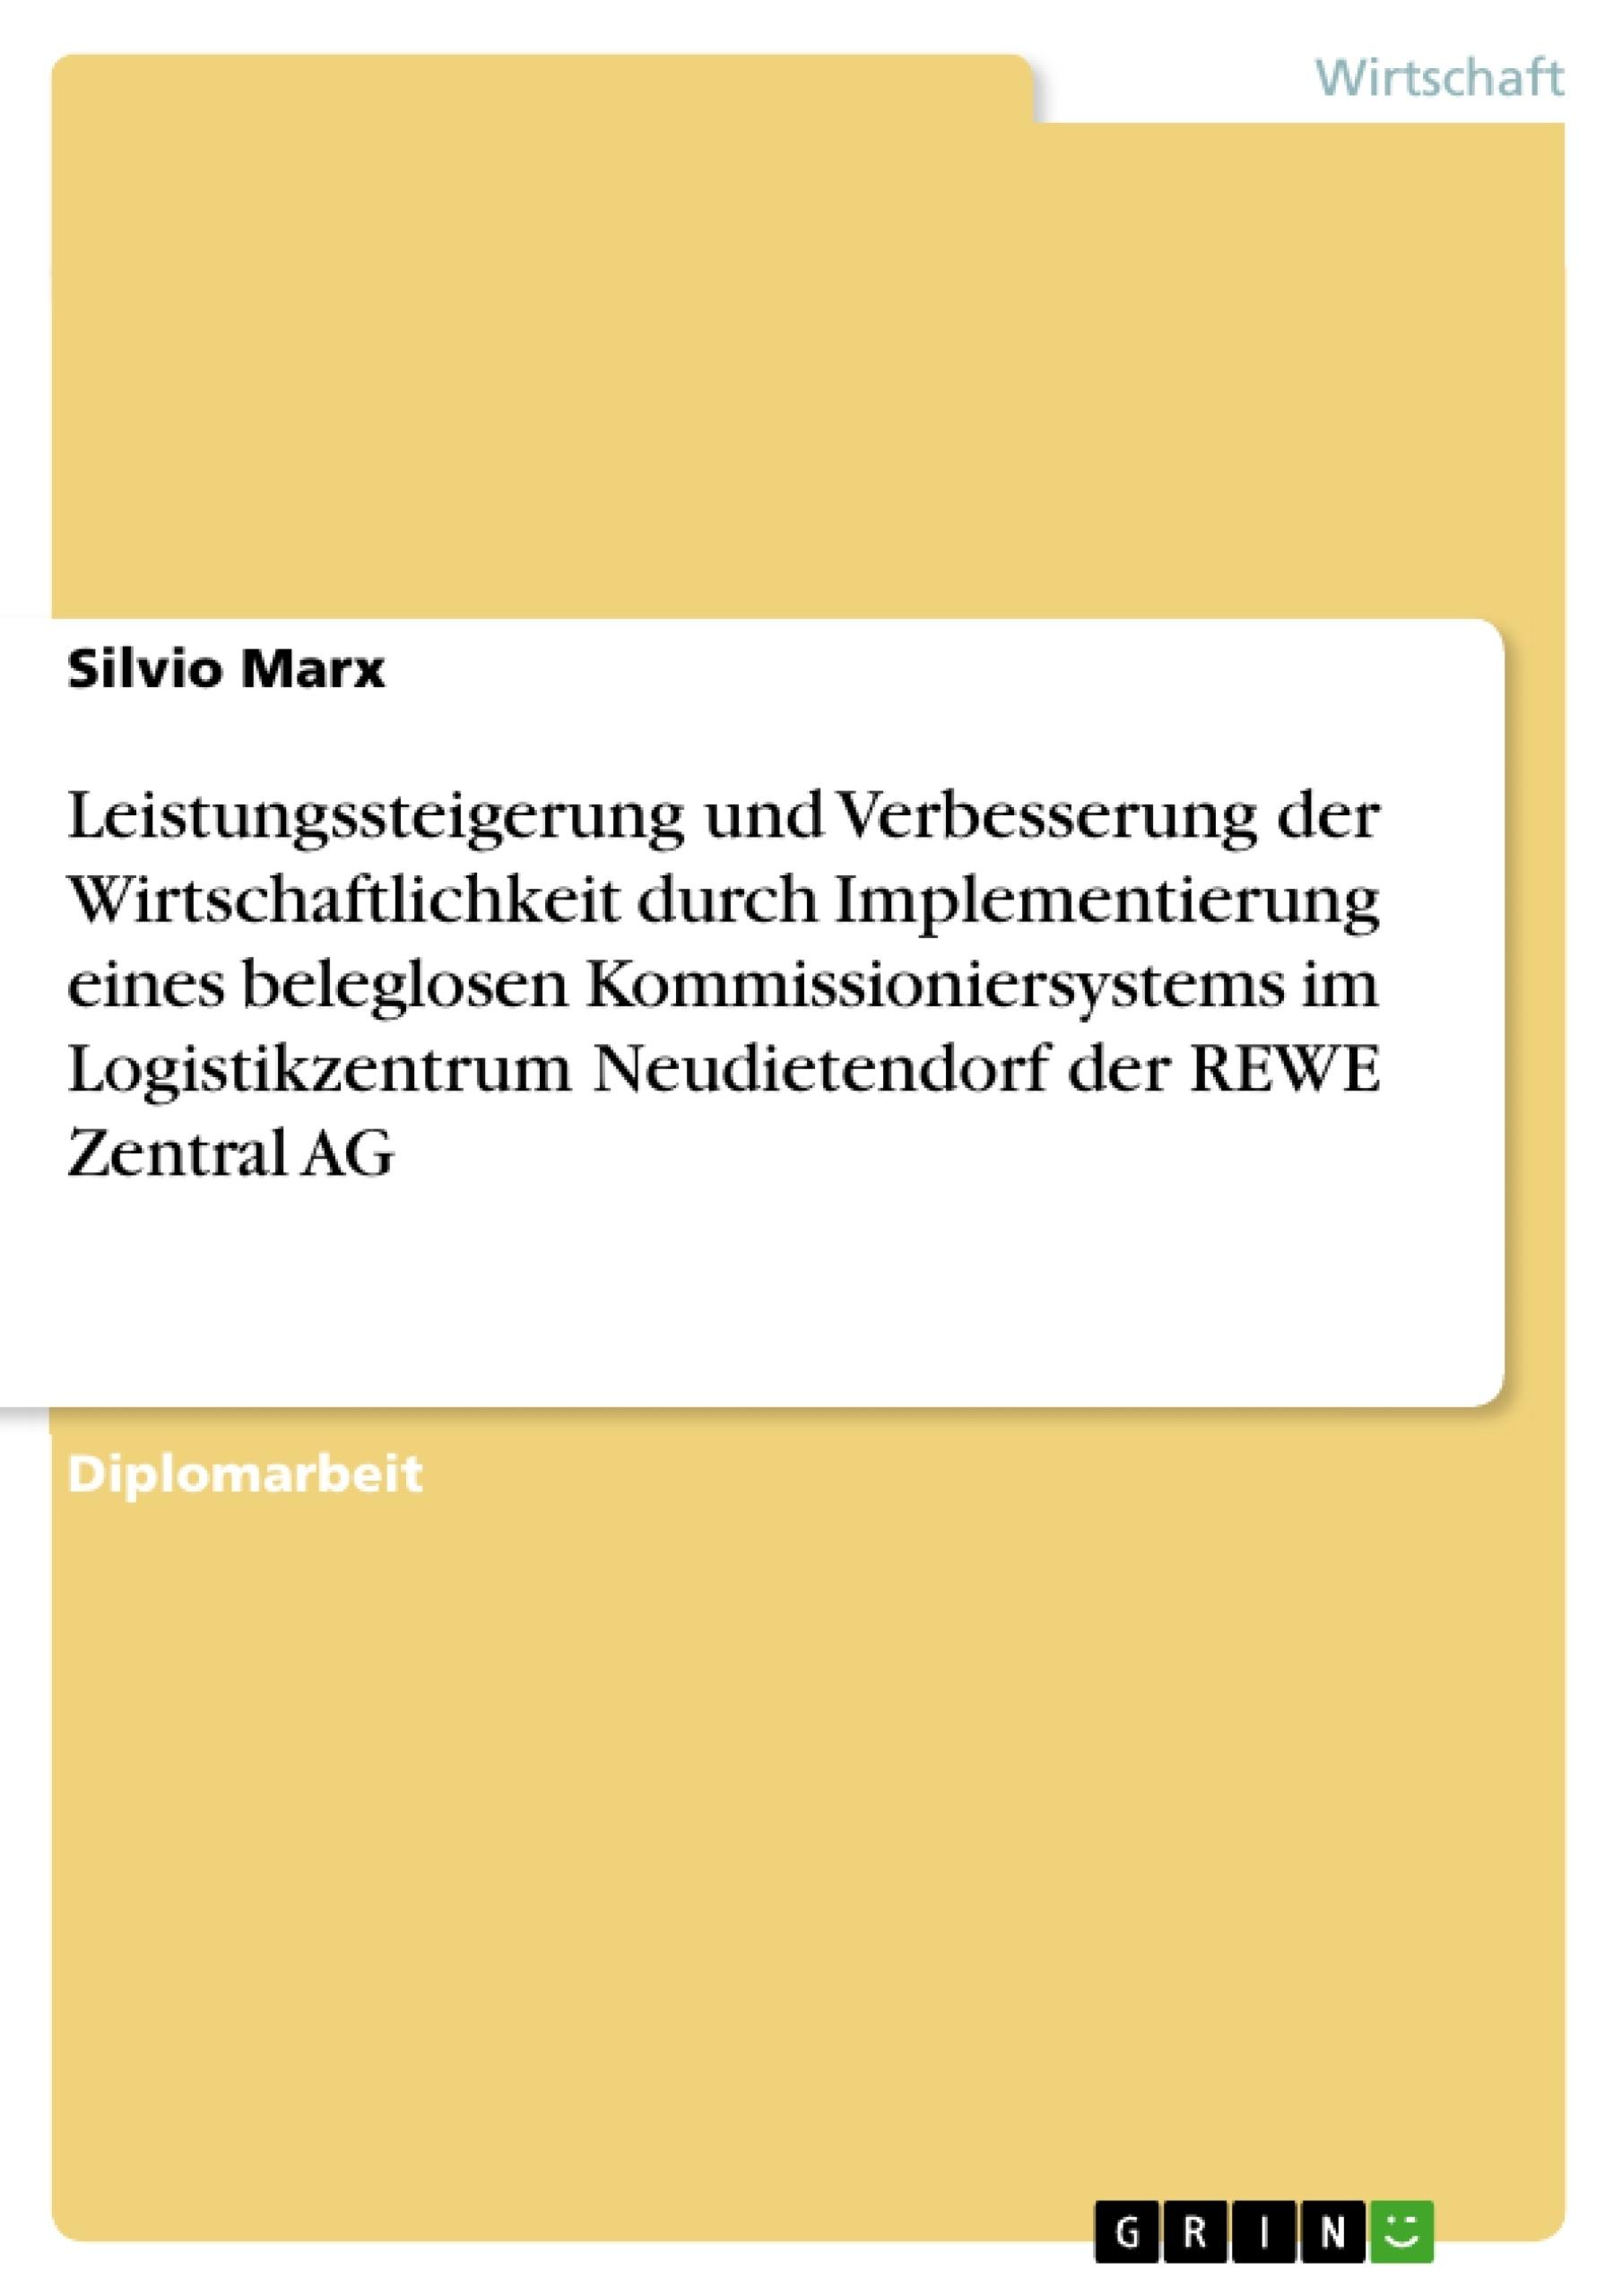 Titel: Leistungssteigerung und Verbesserung der Wirtschaftlichkeit durch Implementierung eines beleglosen Kommissioniersystems im Logistikzentrum Neudietendorf der REWE Zentral AG